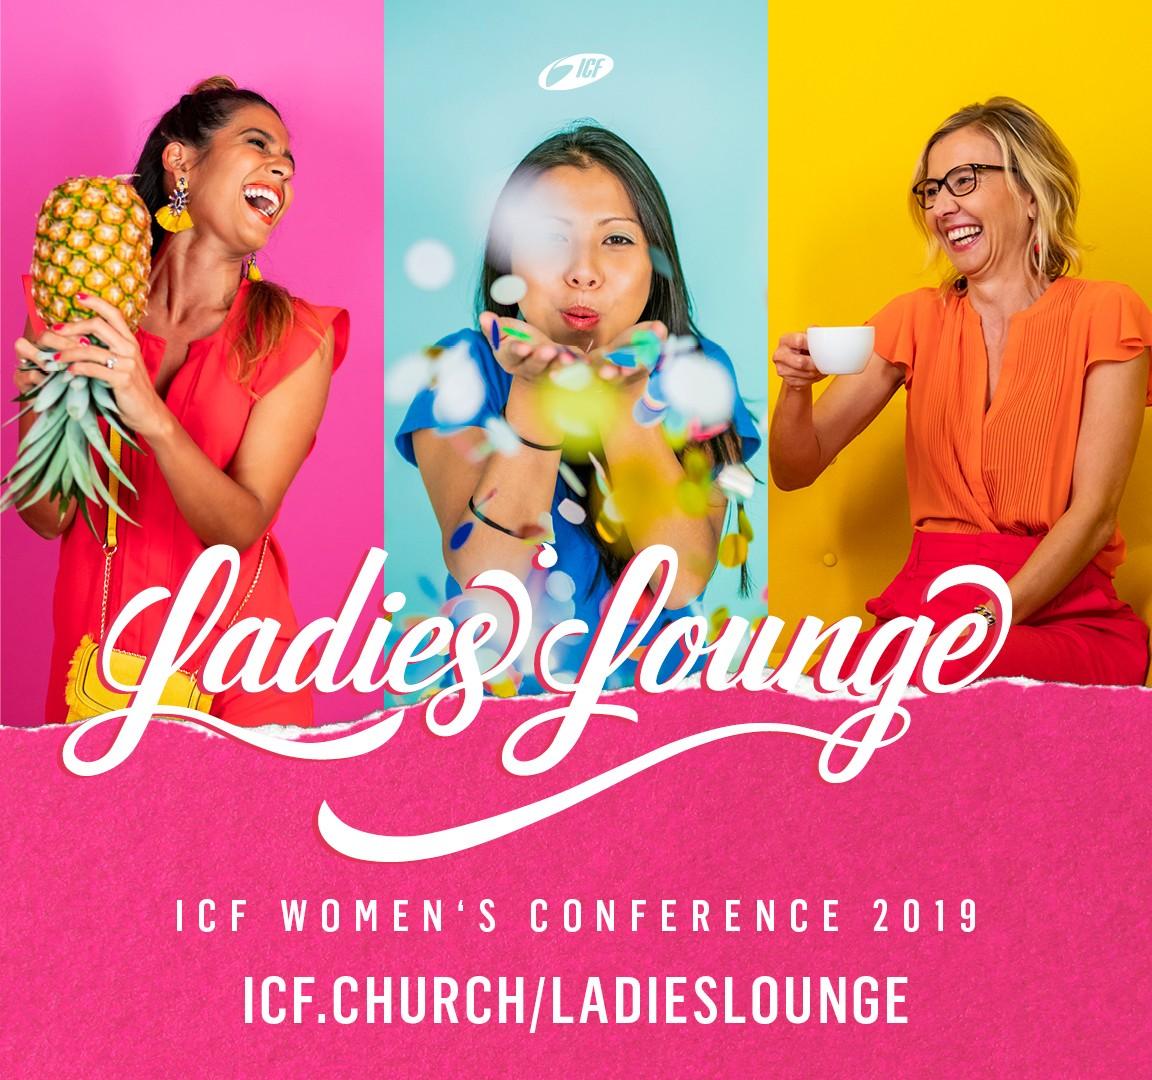 ICF Ladies Lounge 2019 - JOY! in Zürich